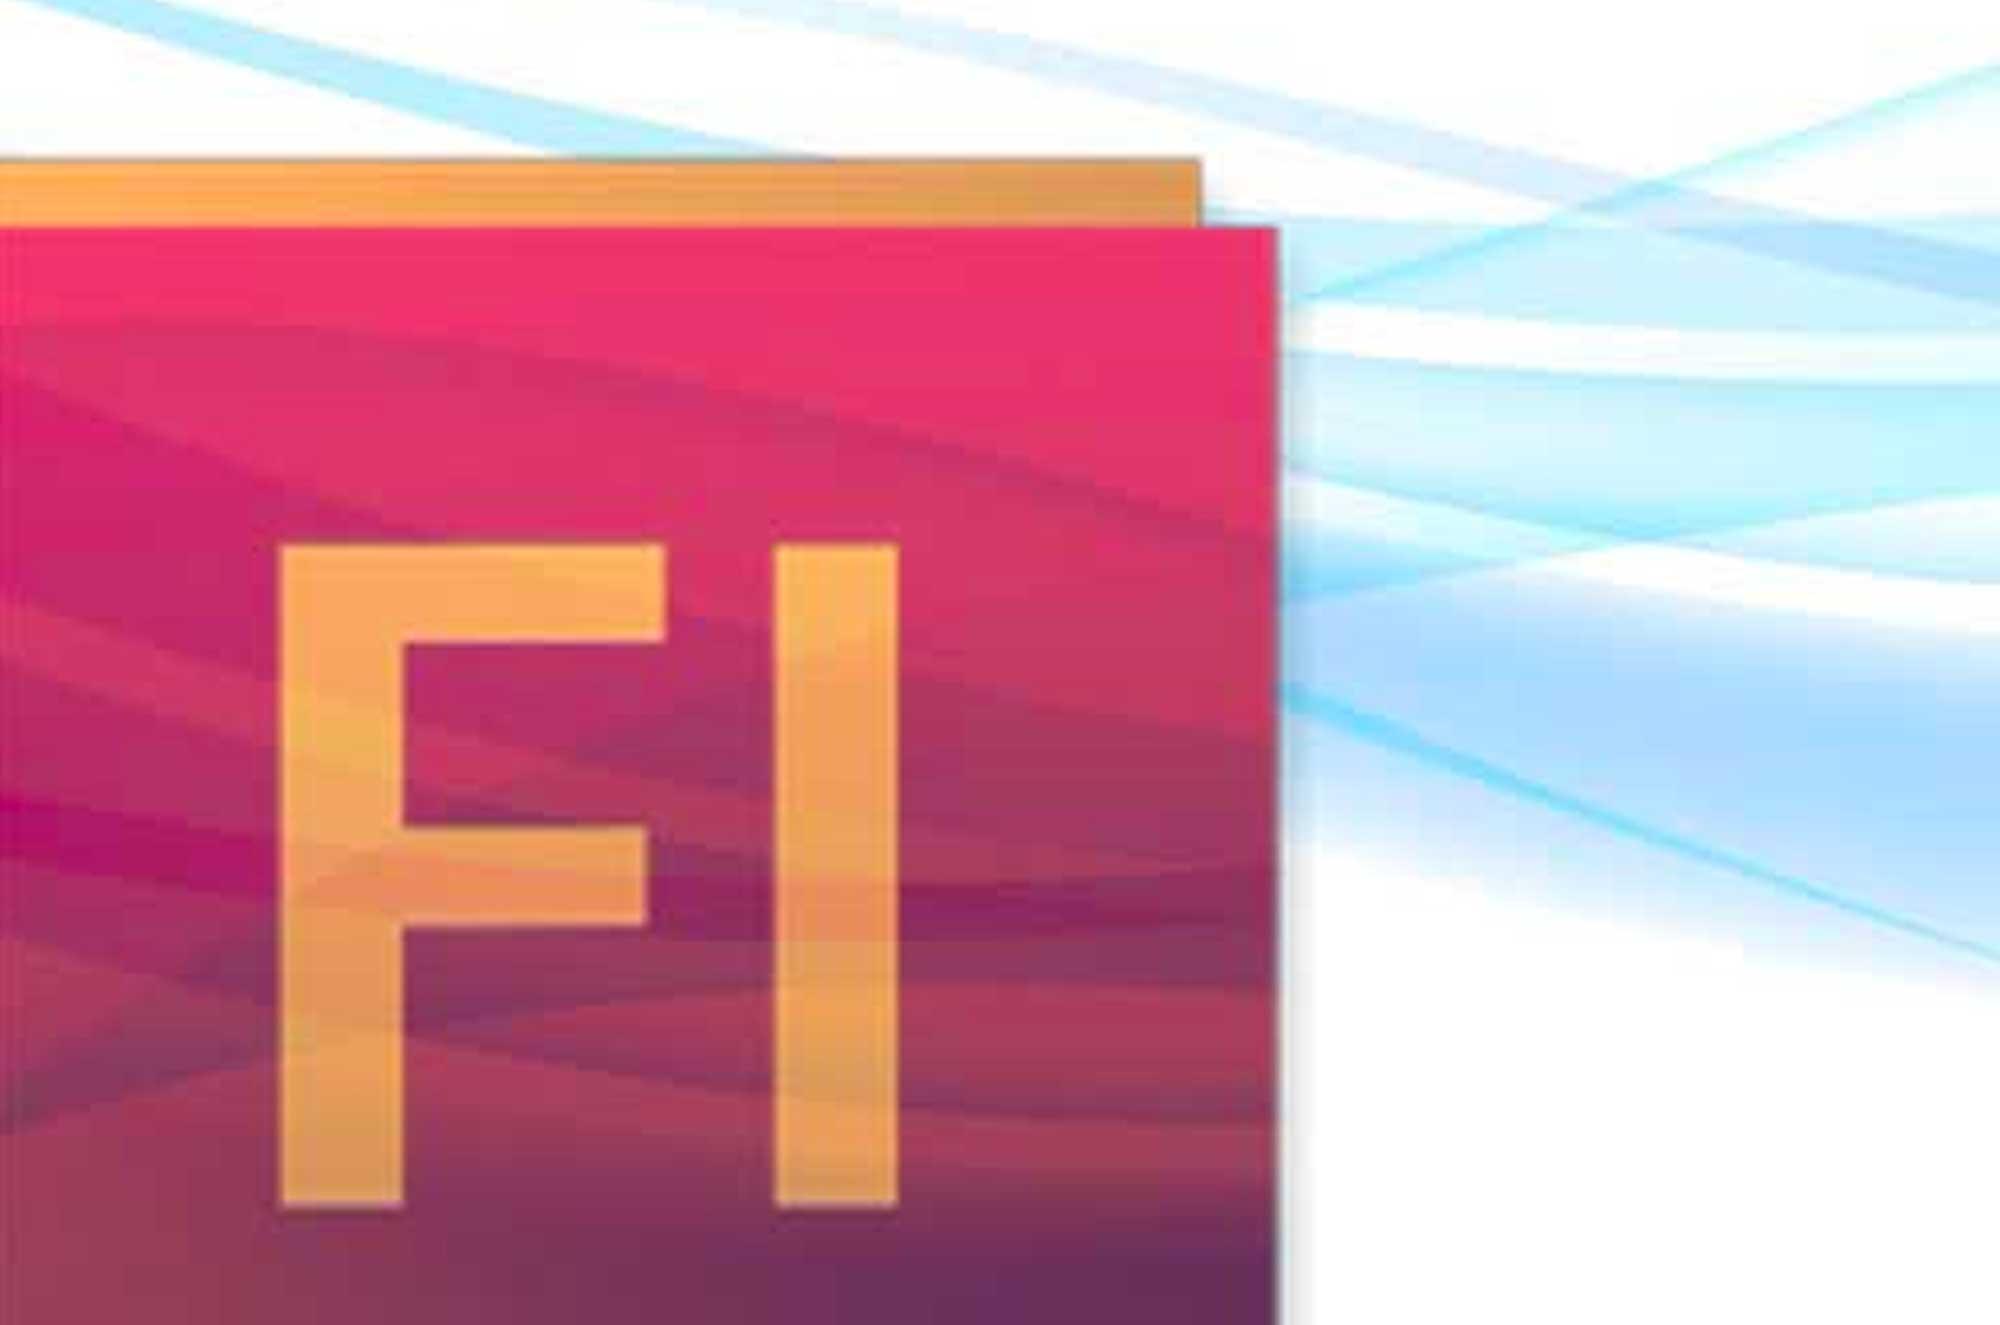 flashできれいなアニメーションgifを簡単に作成する方法